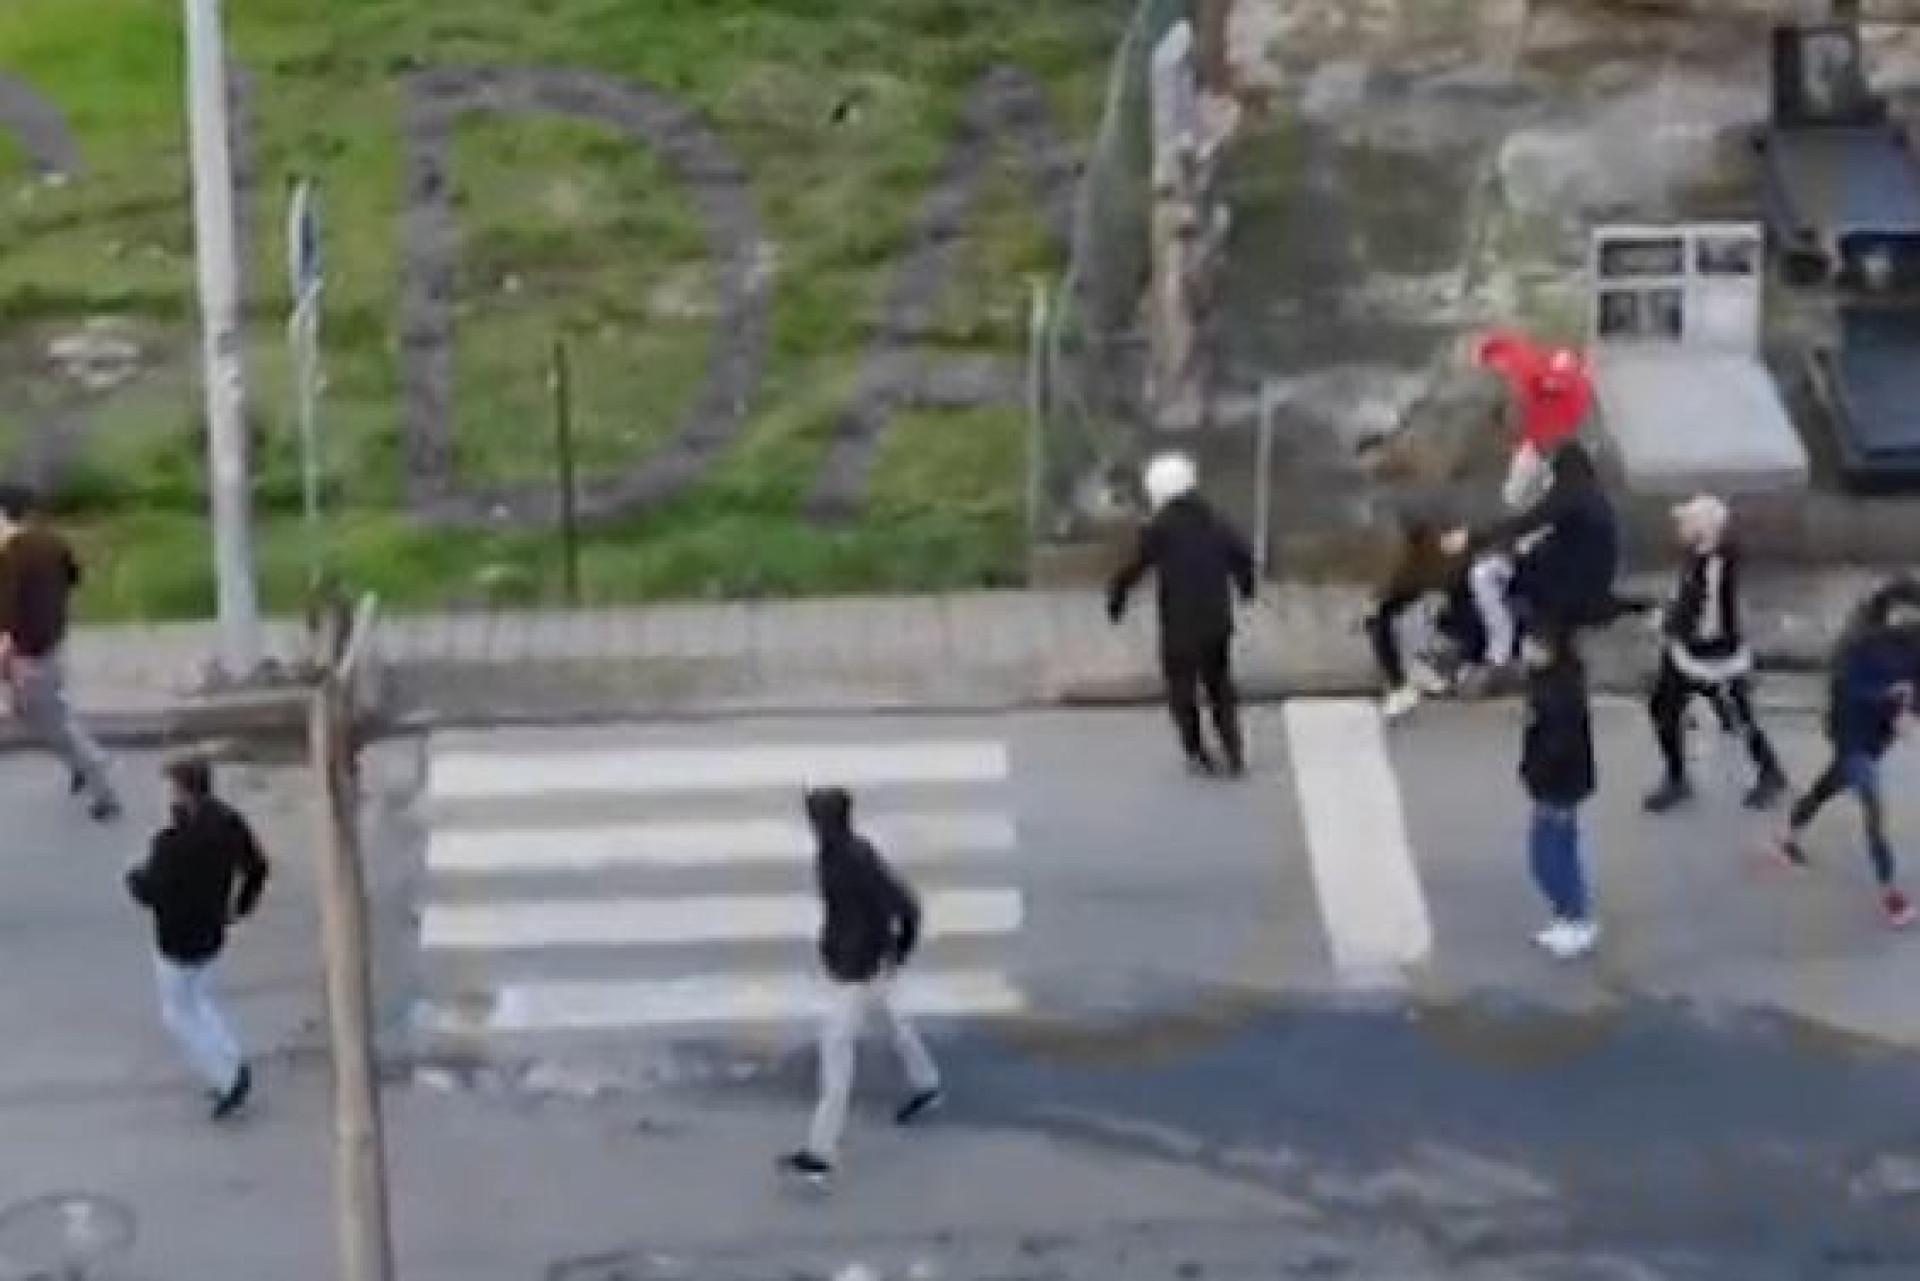 Adepto do Famalicão alvo de várias agressões antes do jogo com o Leixões